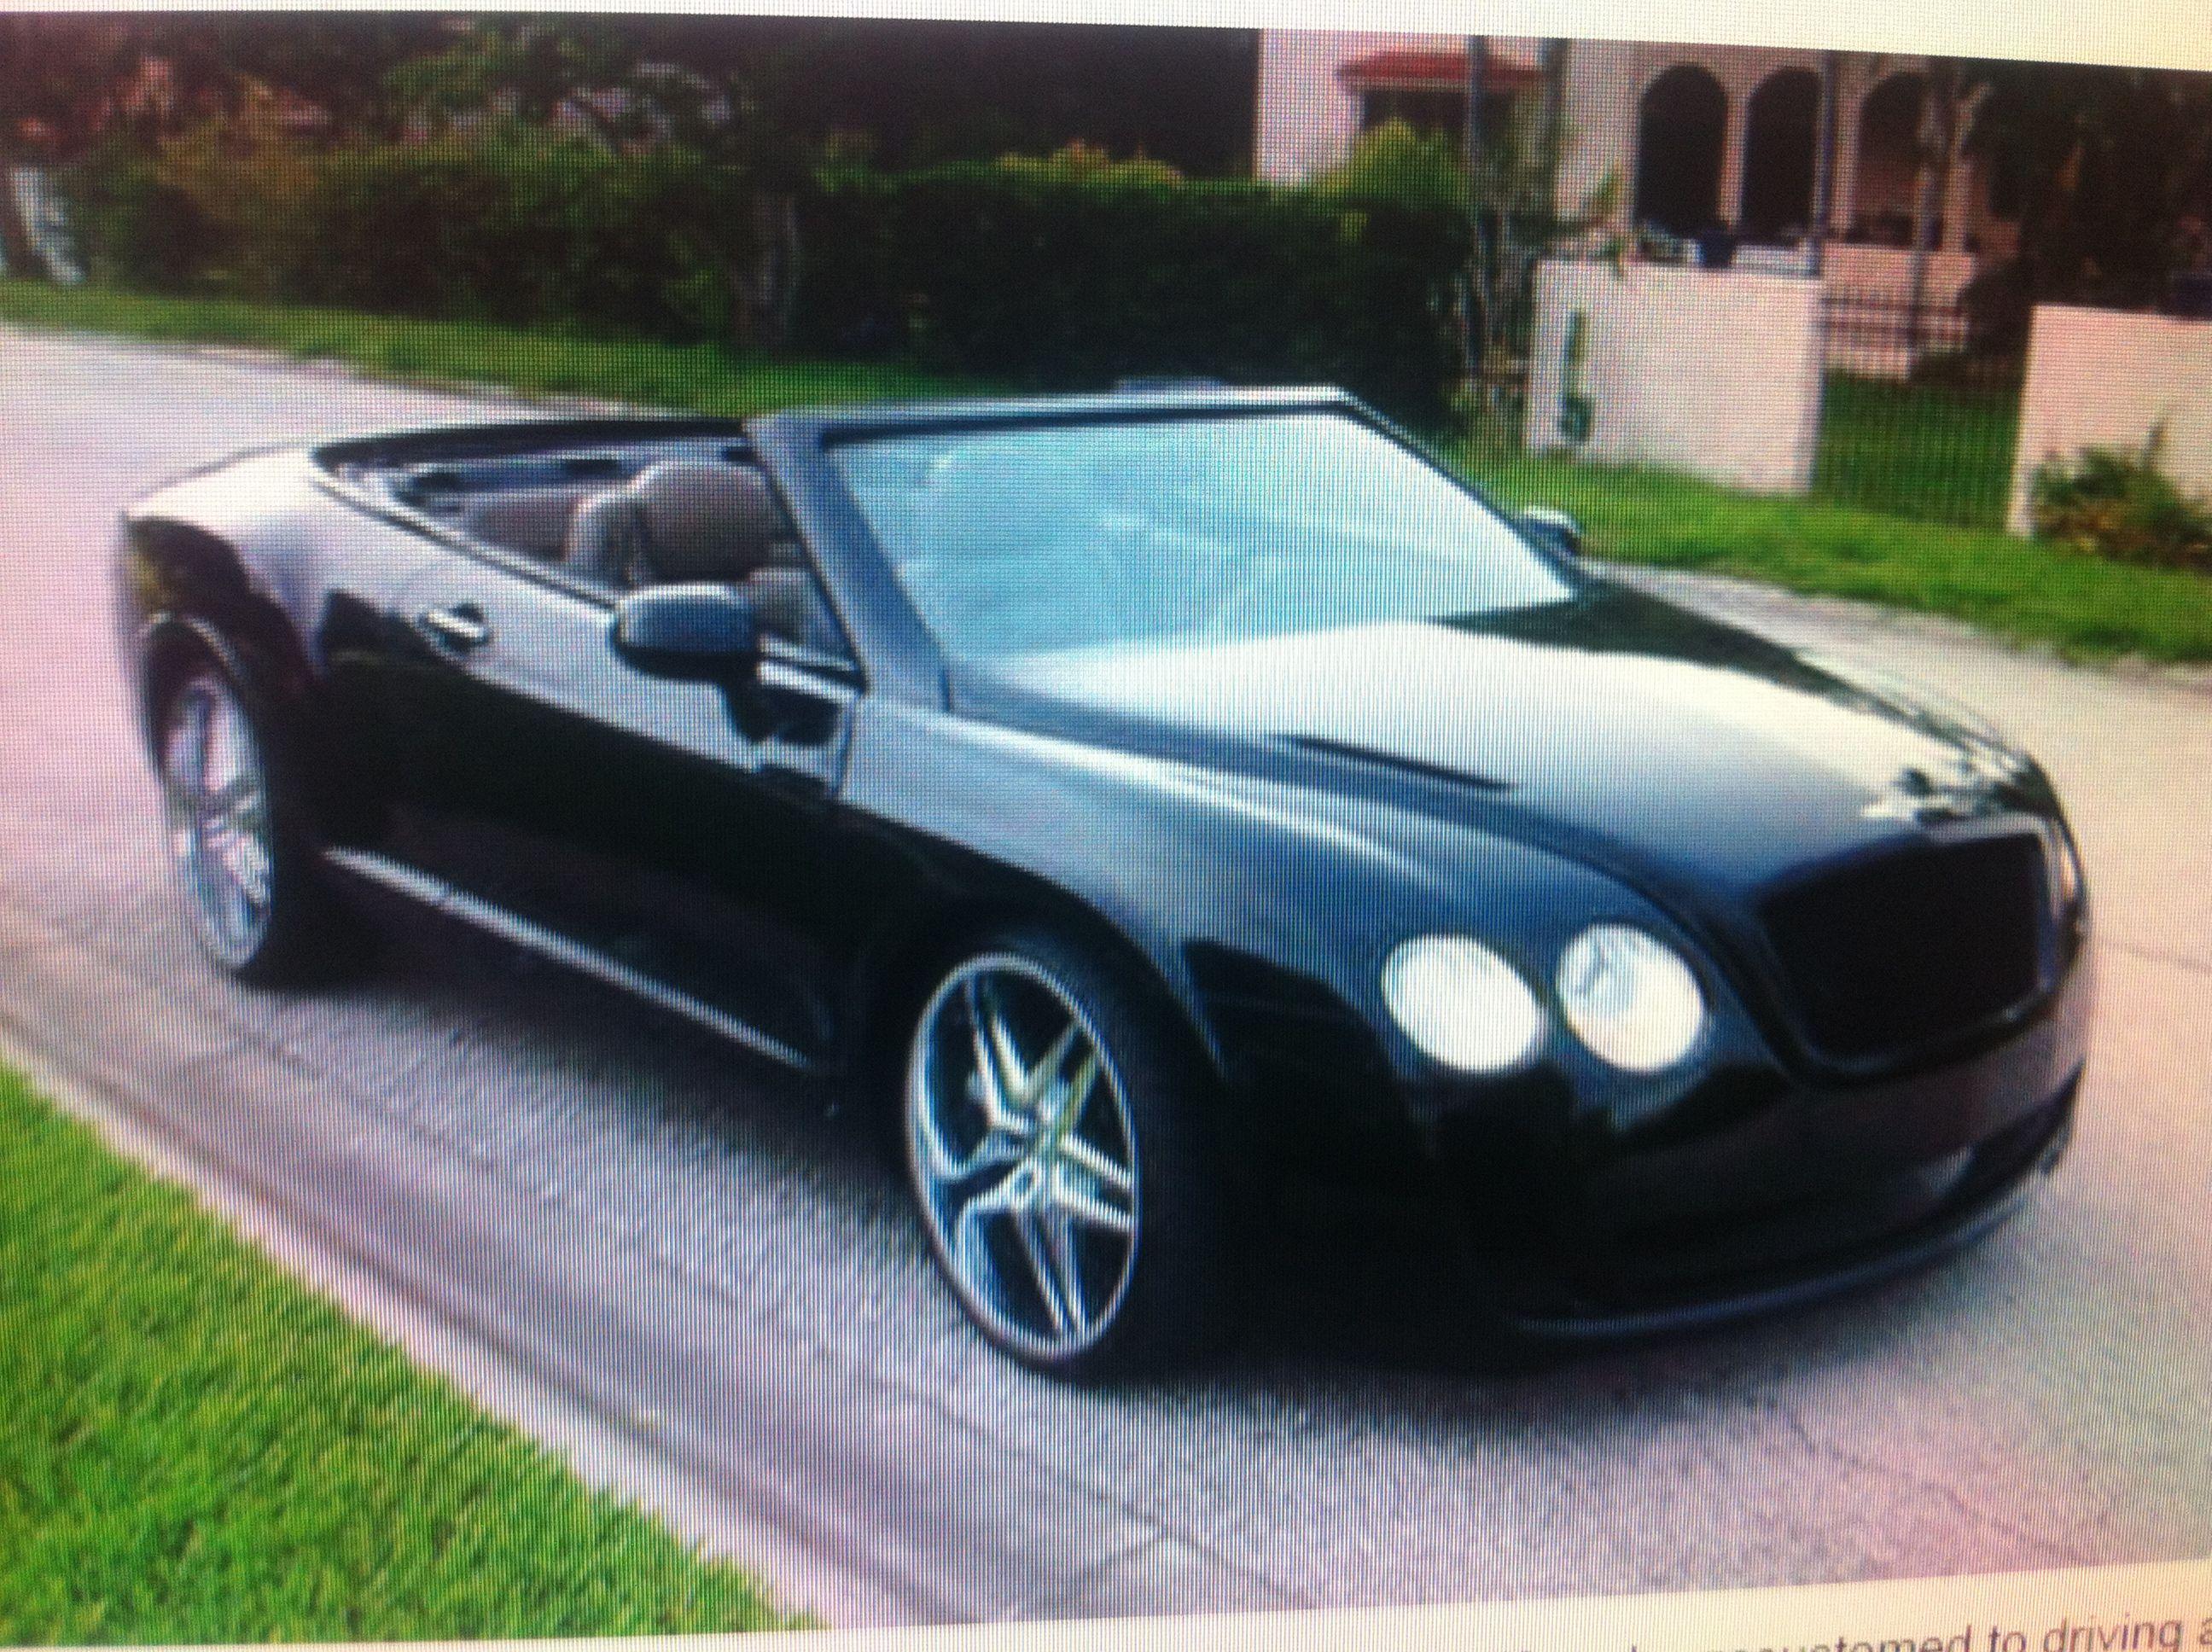 A Ce Faa C D Bc on Chrysler Convertible Sebring Bentley Replica